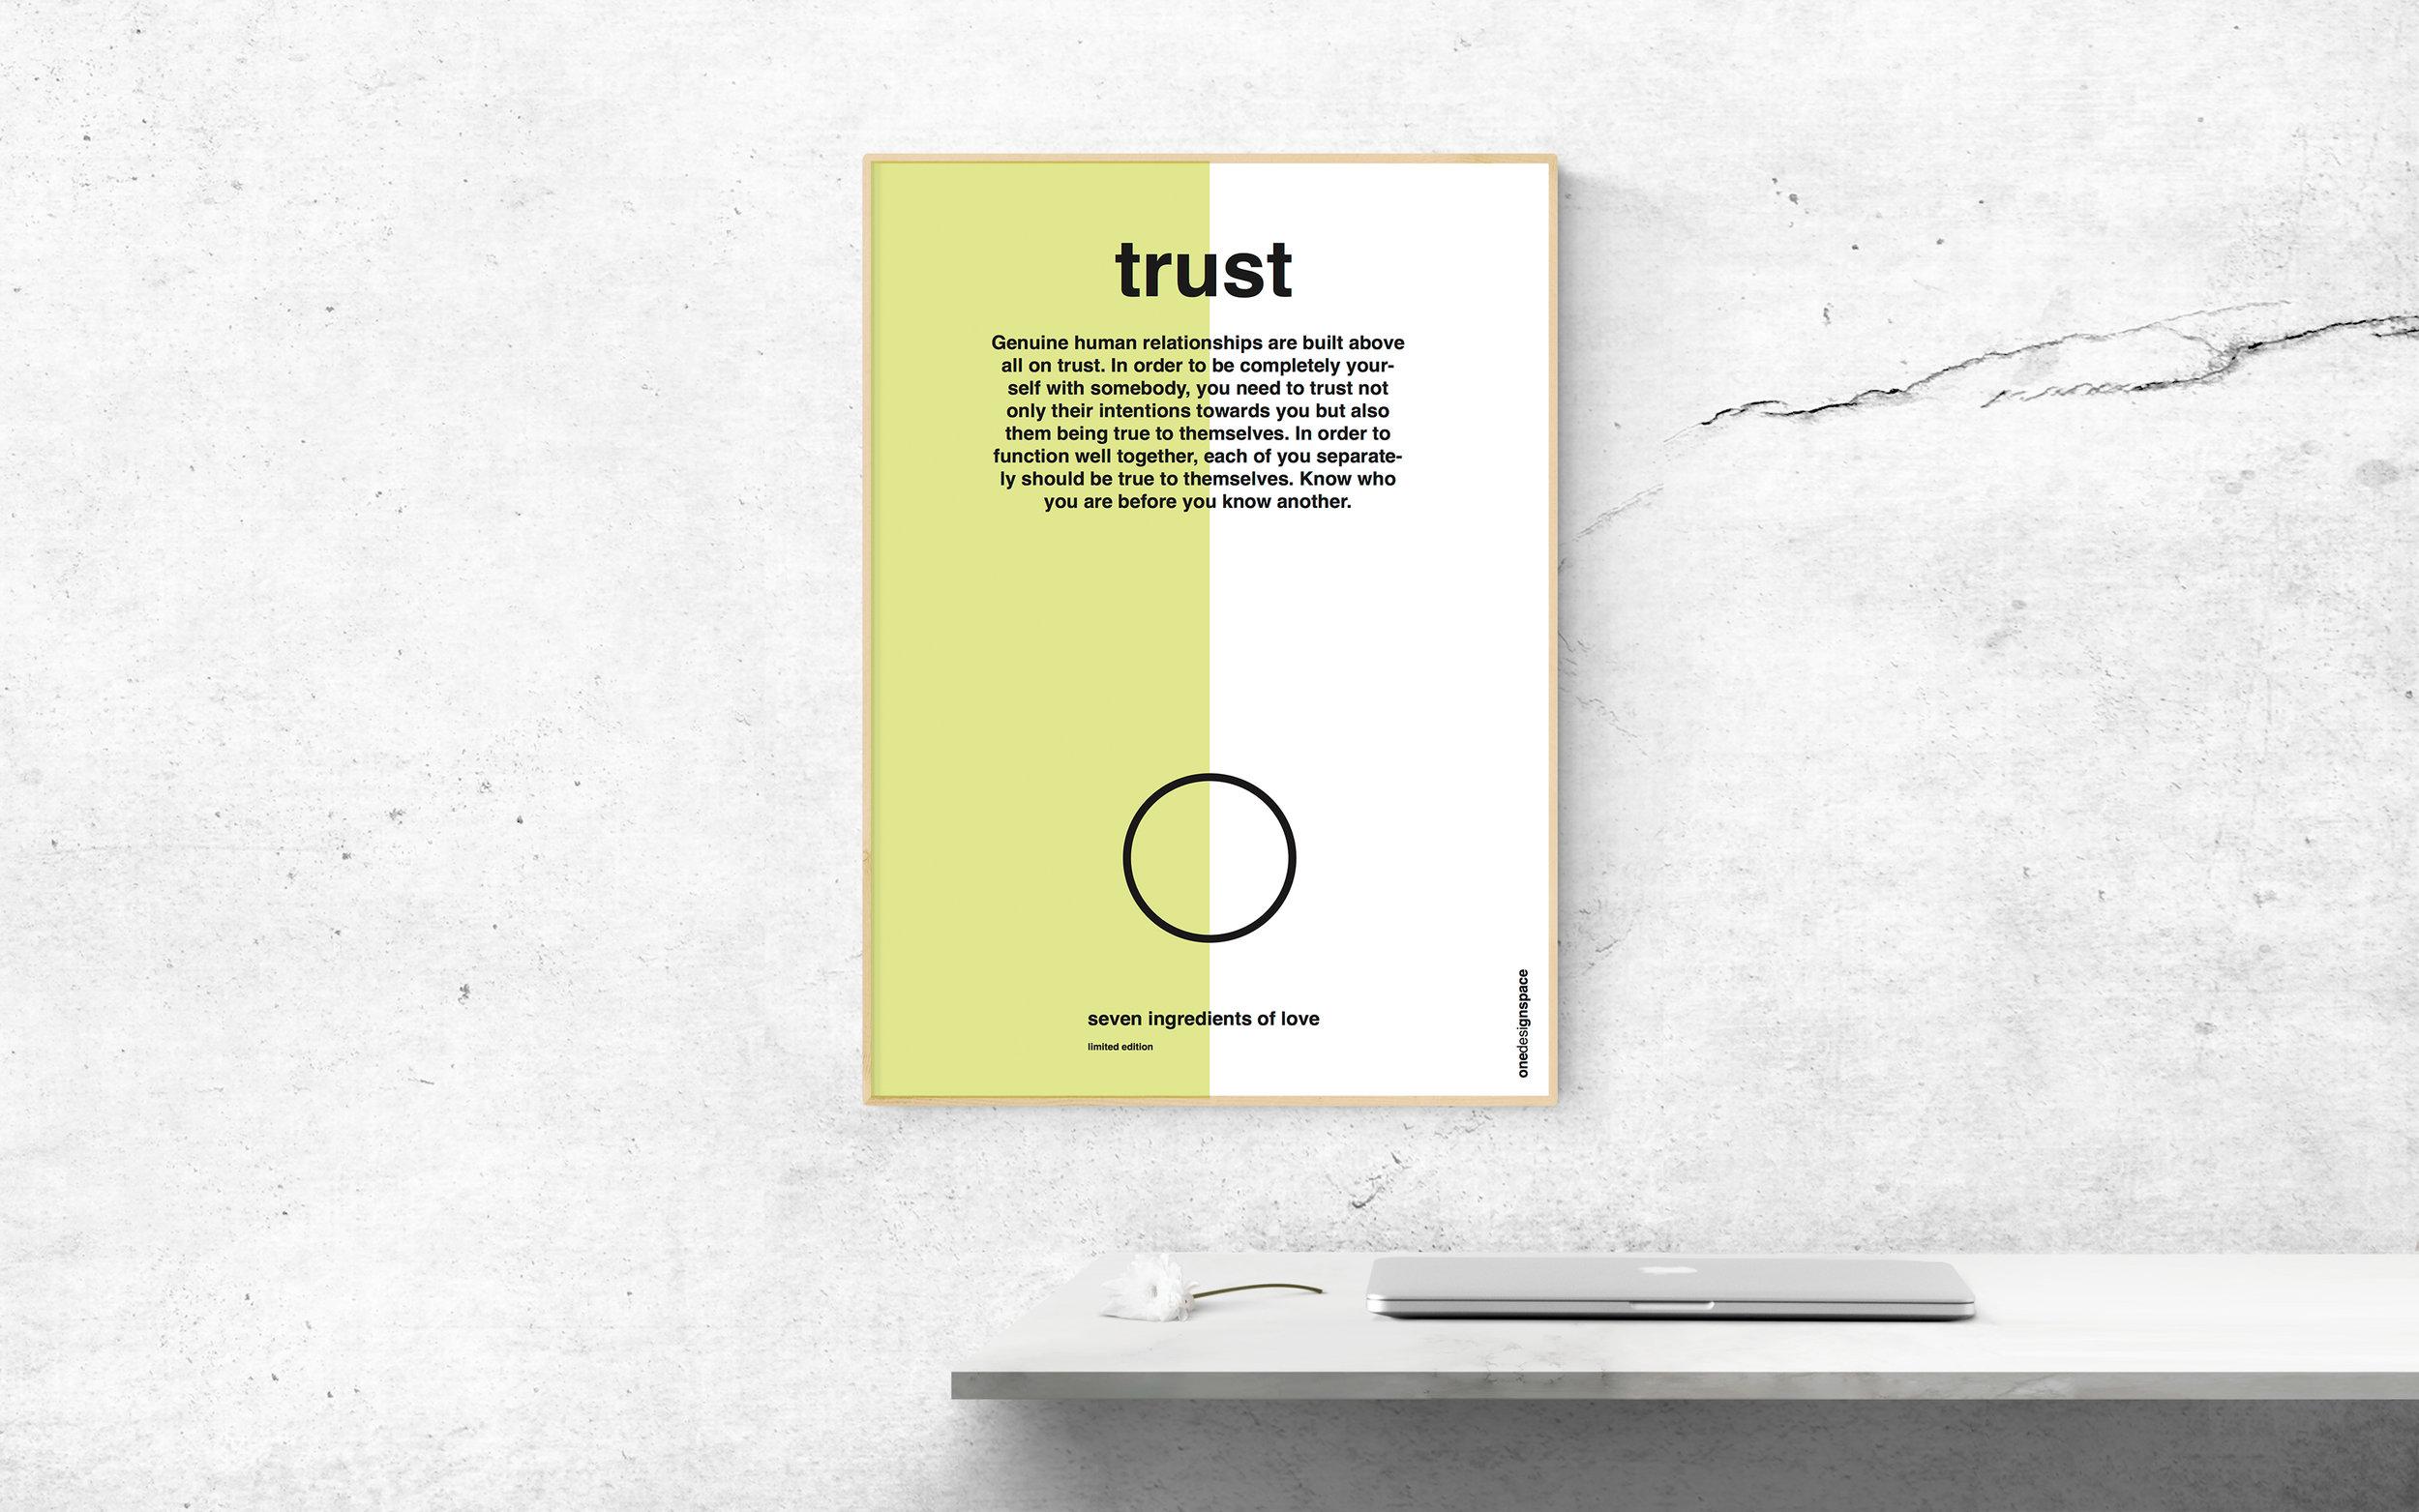 trust-render.jpg